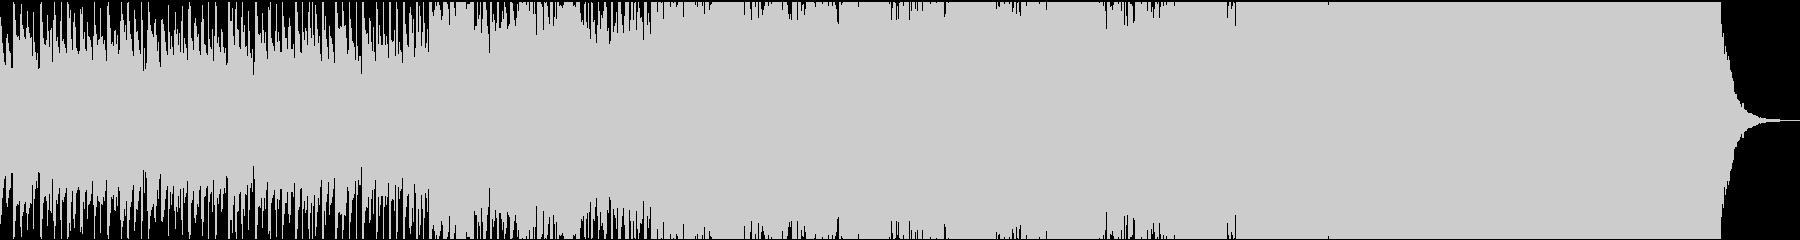 怪しくもコミカルなチェレスタのゴシック曲の未再生の波形